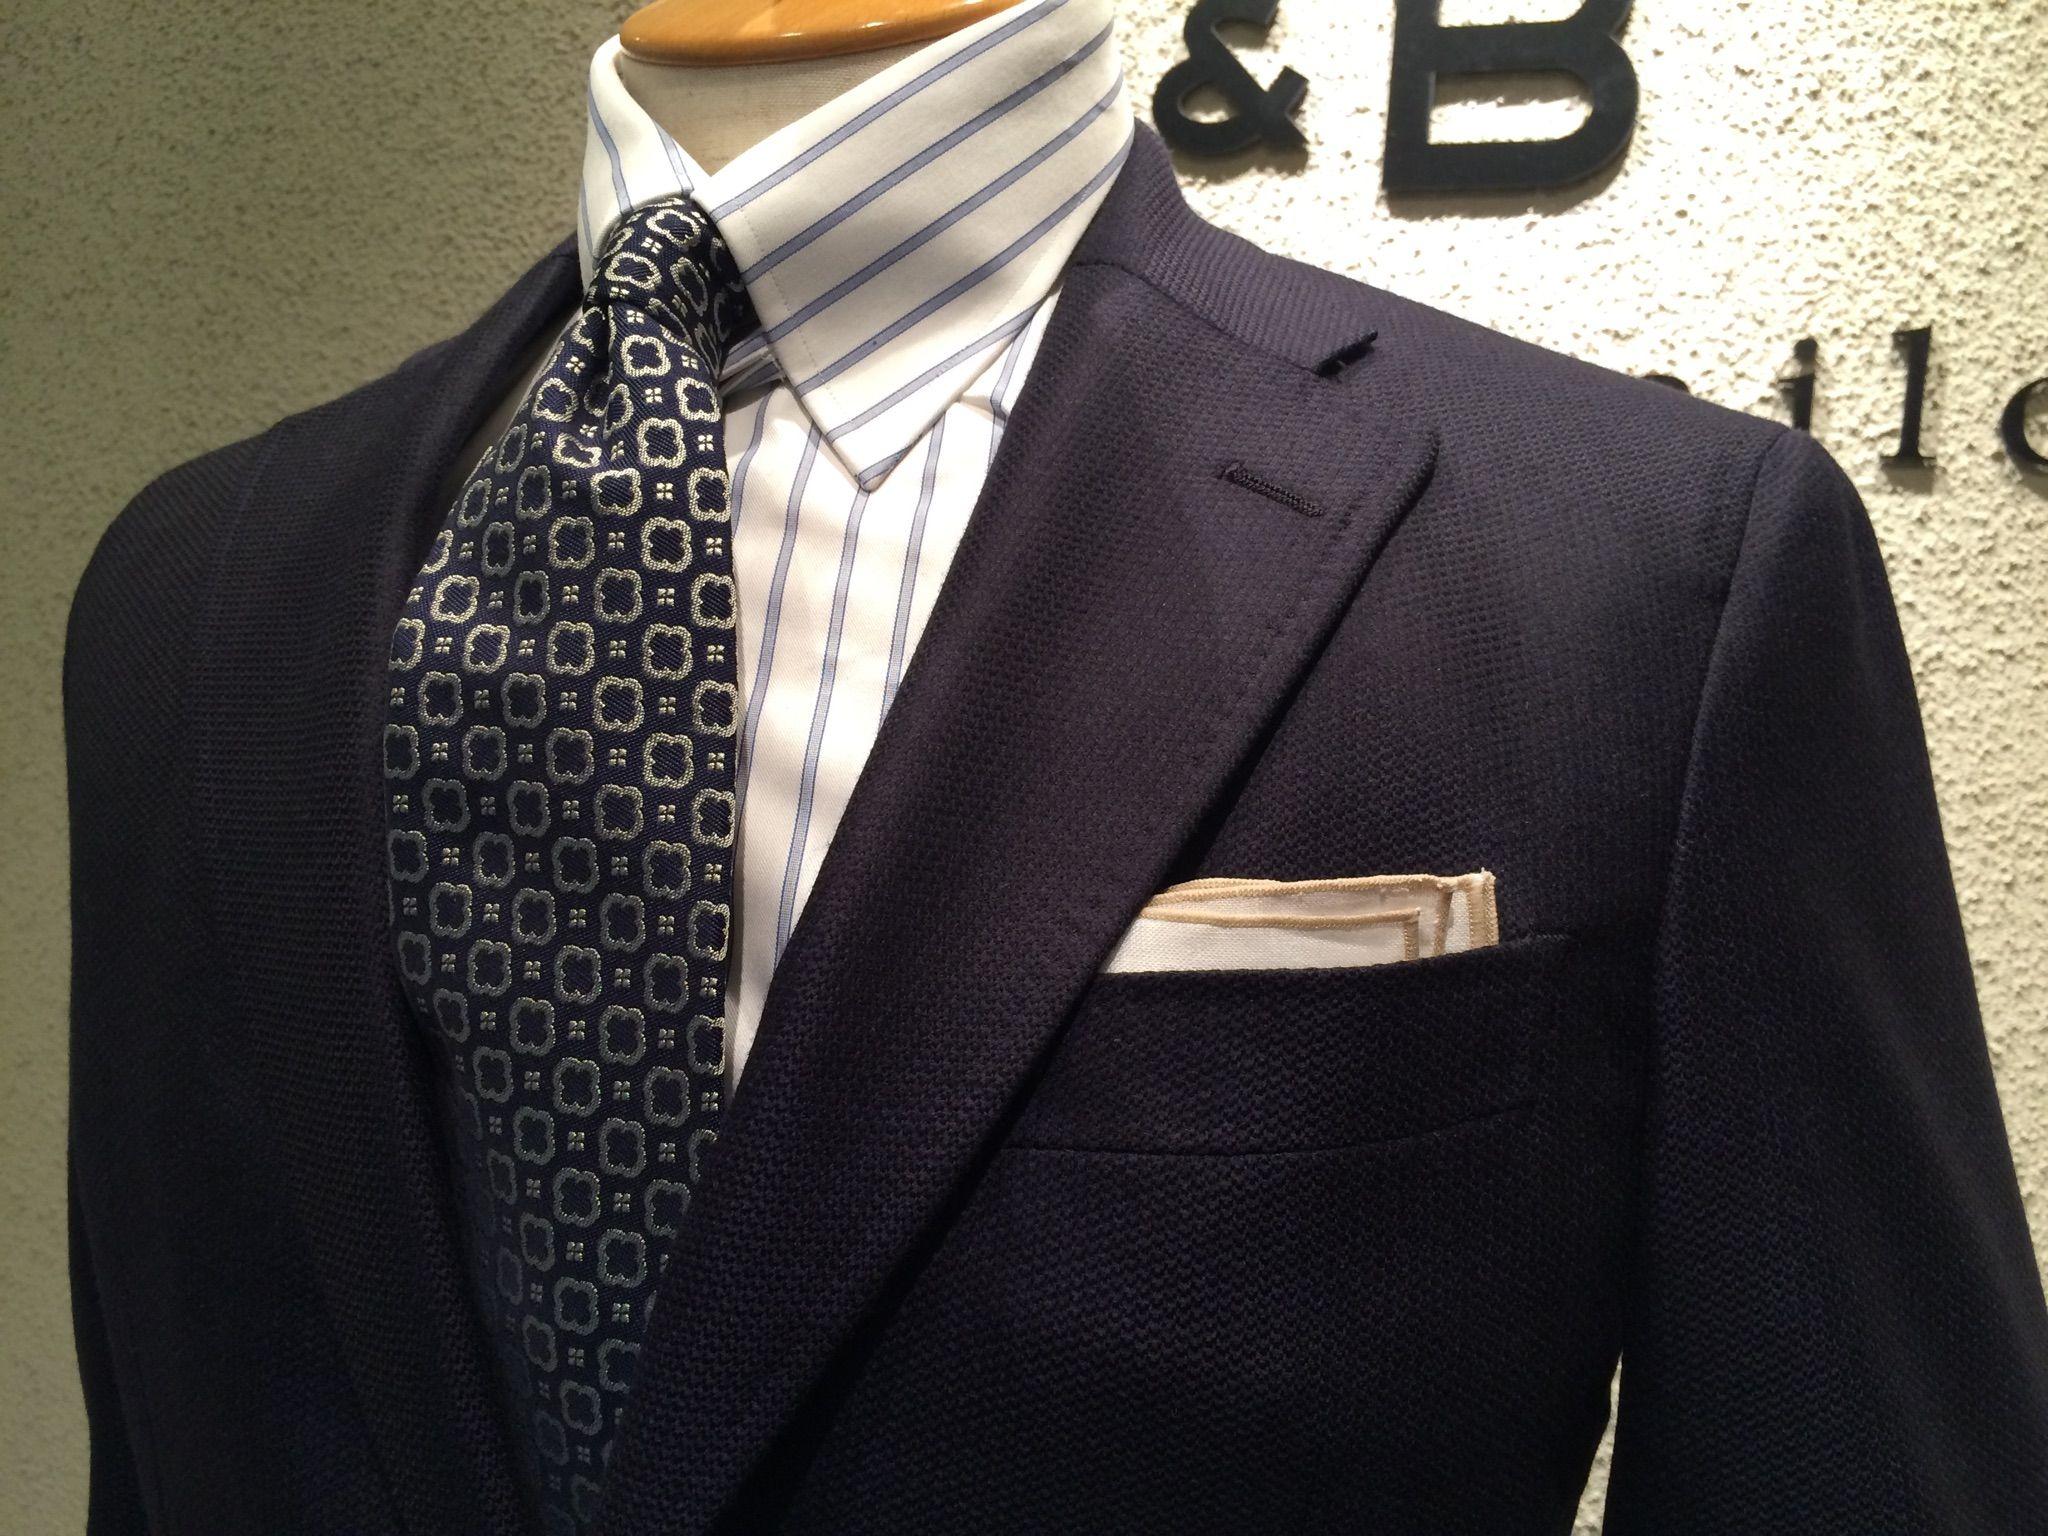 da3c5f8748fe4  B銀座 Six店 | パーソナルオーダースーツ・シャツの麻布テーラー | azabu tailor